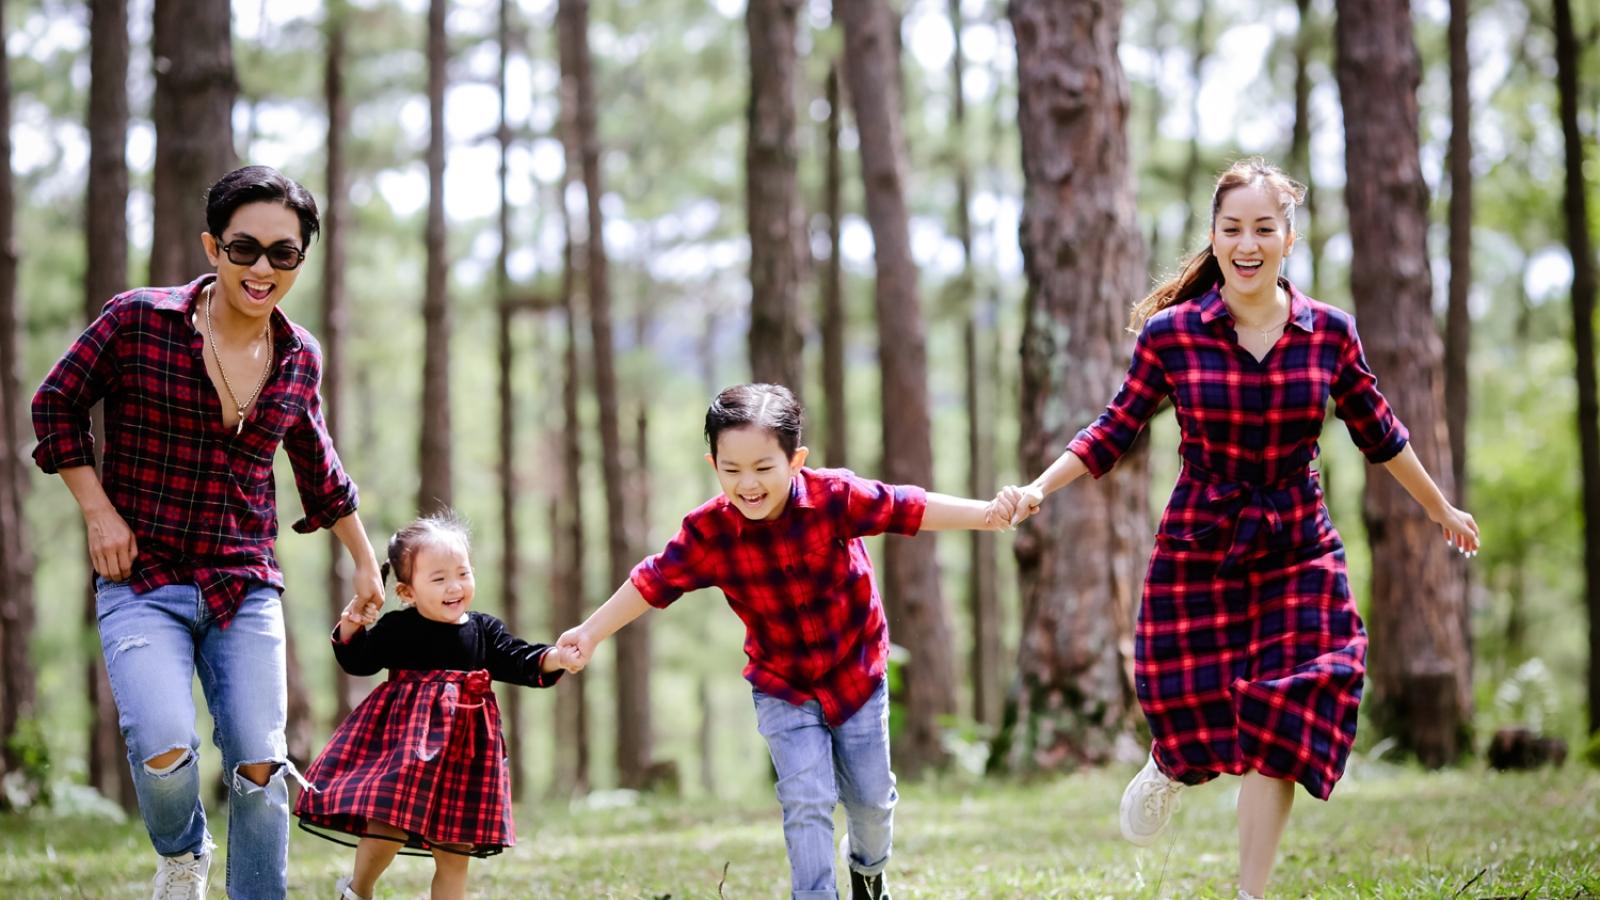 Gia đình Khánh Thi mặc ton sur ton, vui chơi khám phá Đà Lạt